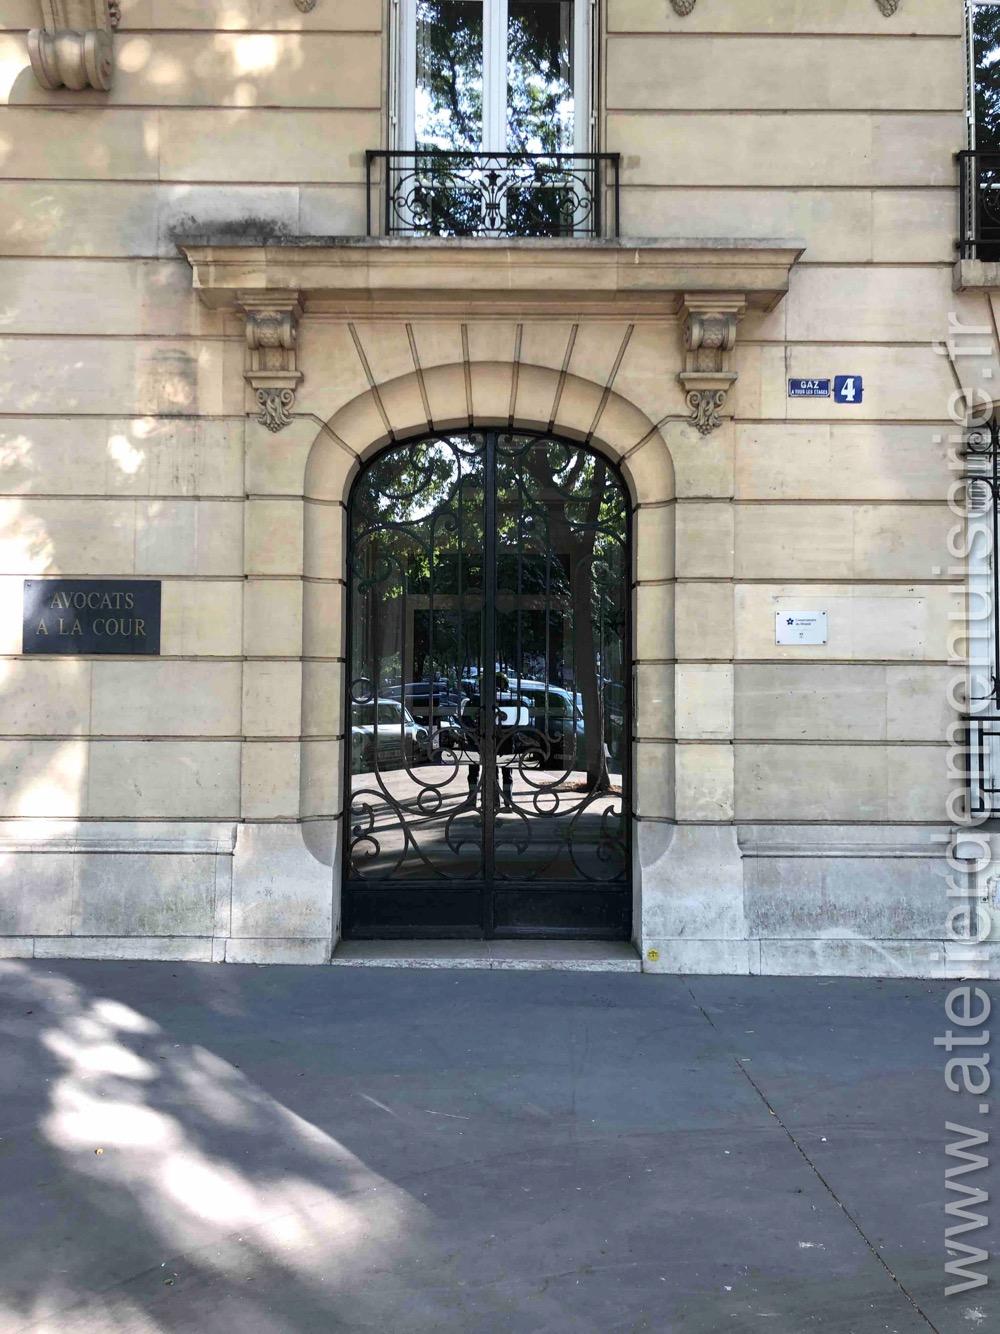 Porte En Fer Forgé 4 PLACE DENFERT ROCHEREAU PARIS 14